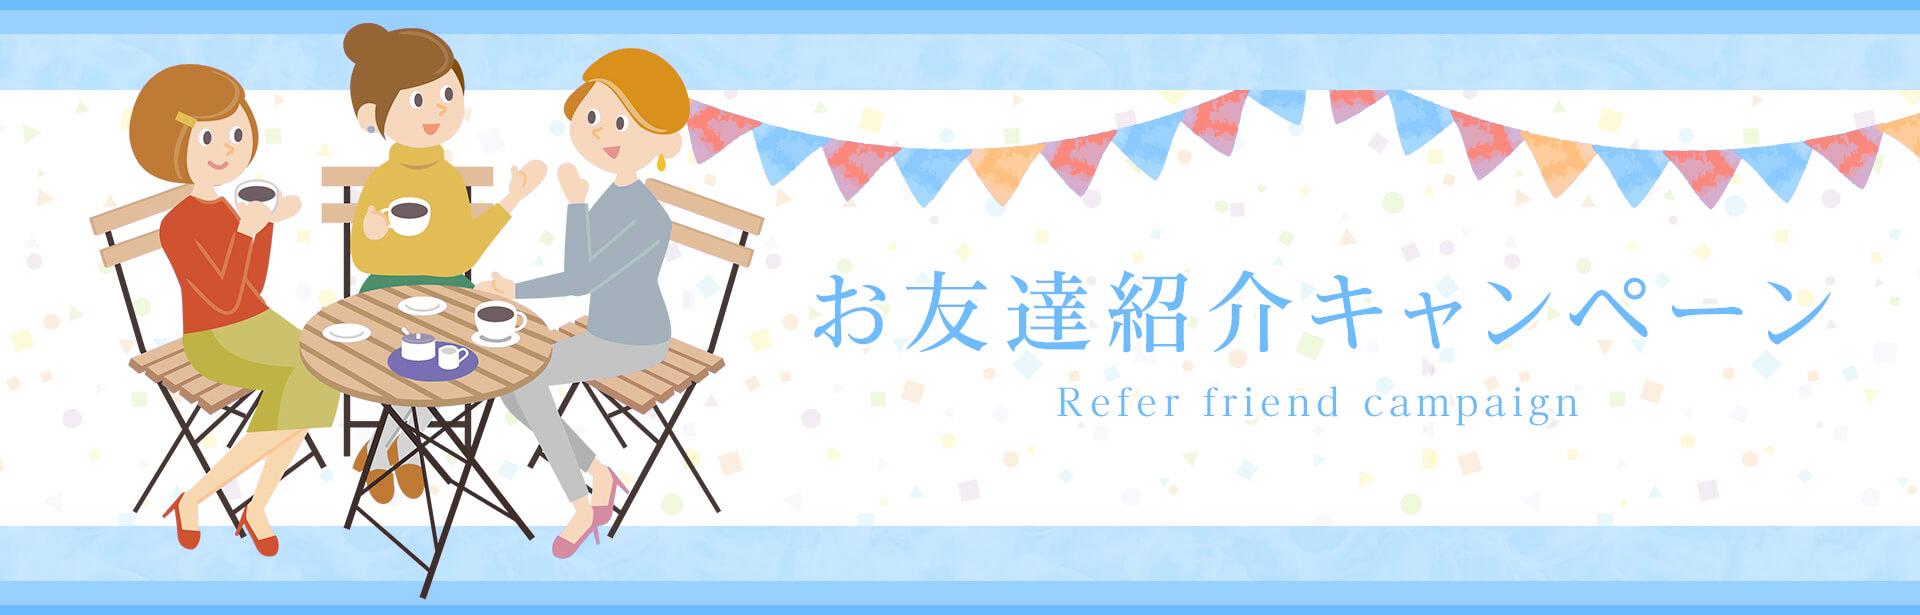 水素風呂 リタライフ おともだち紹介キャンペーン